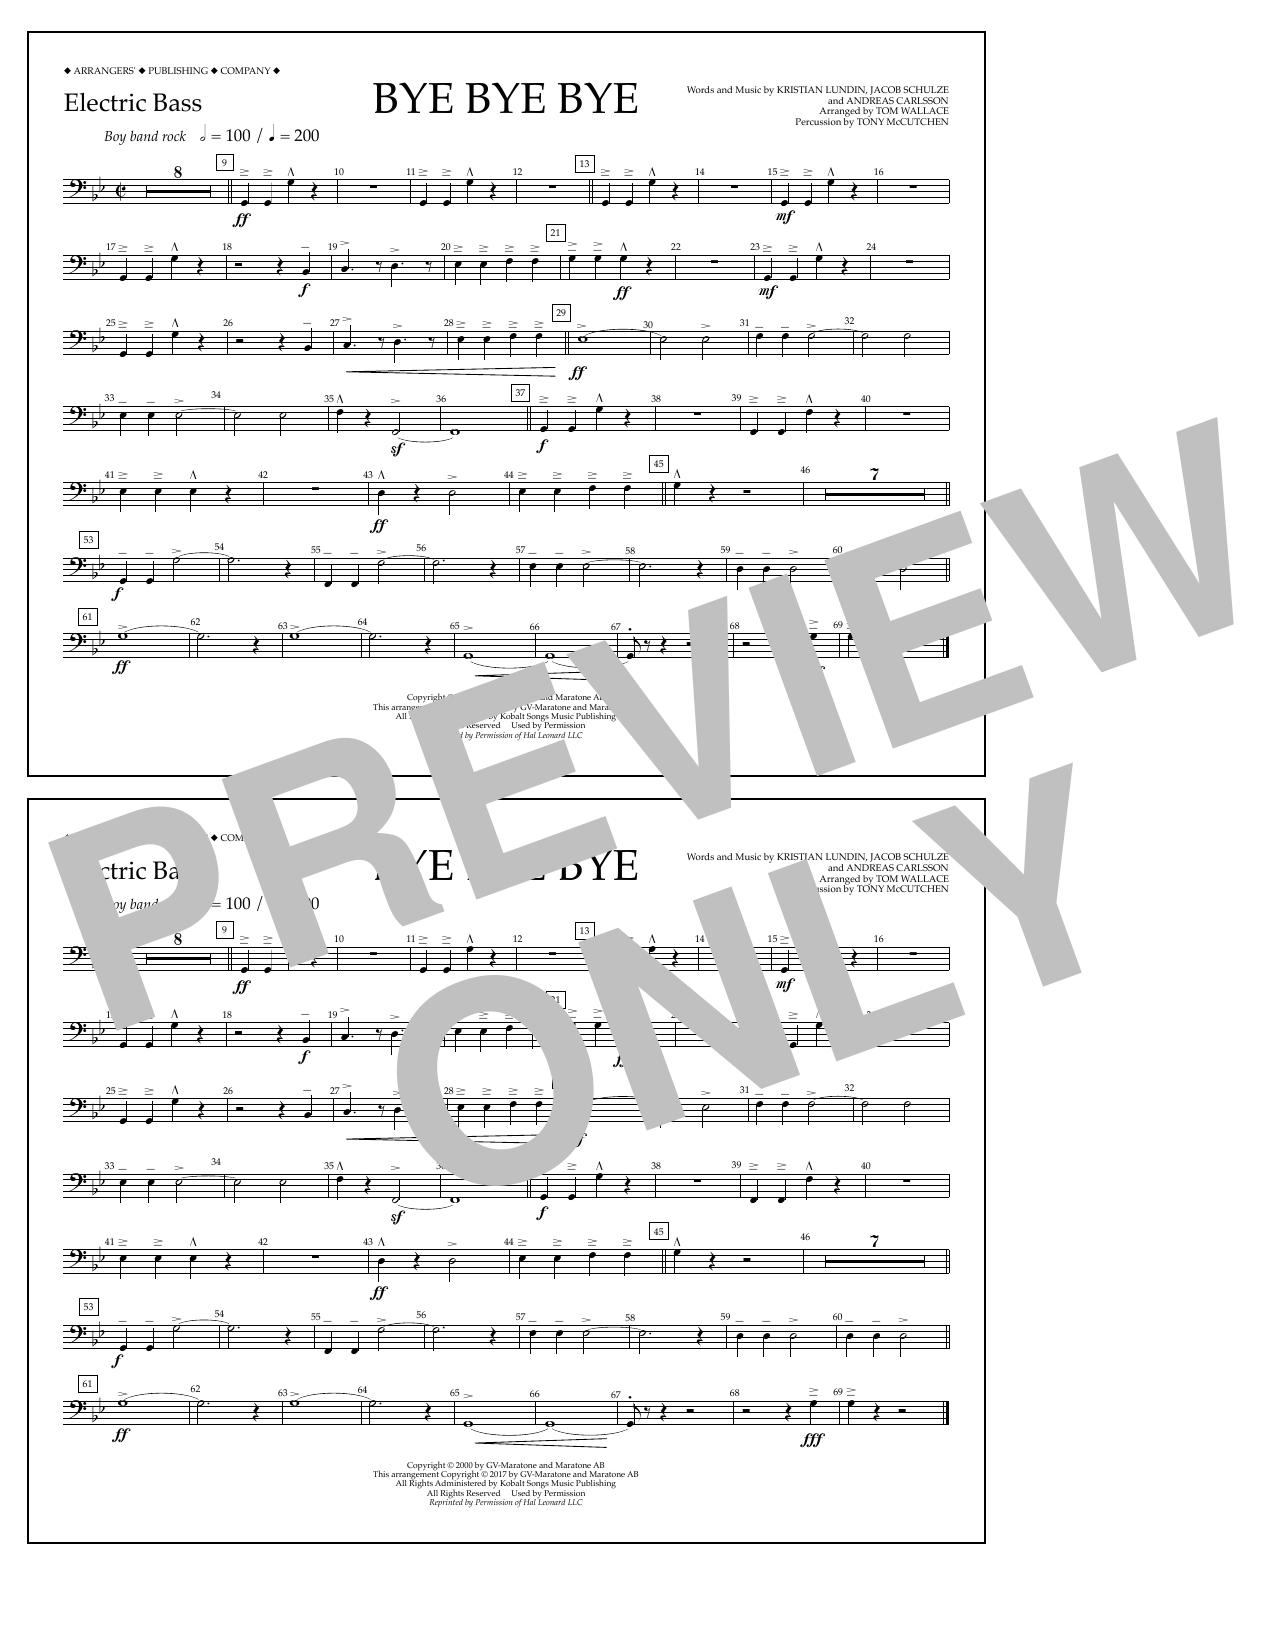 Bye Bye Bye - Electric Bass Sheet Music